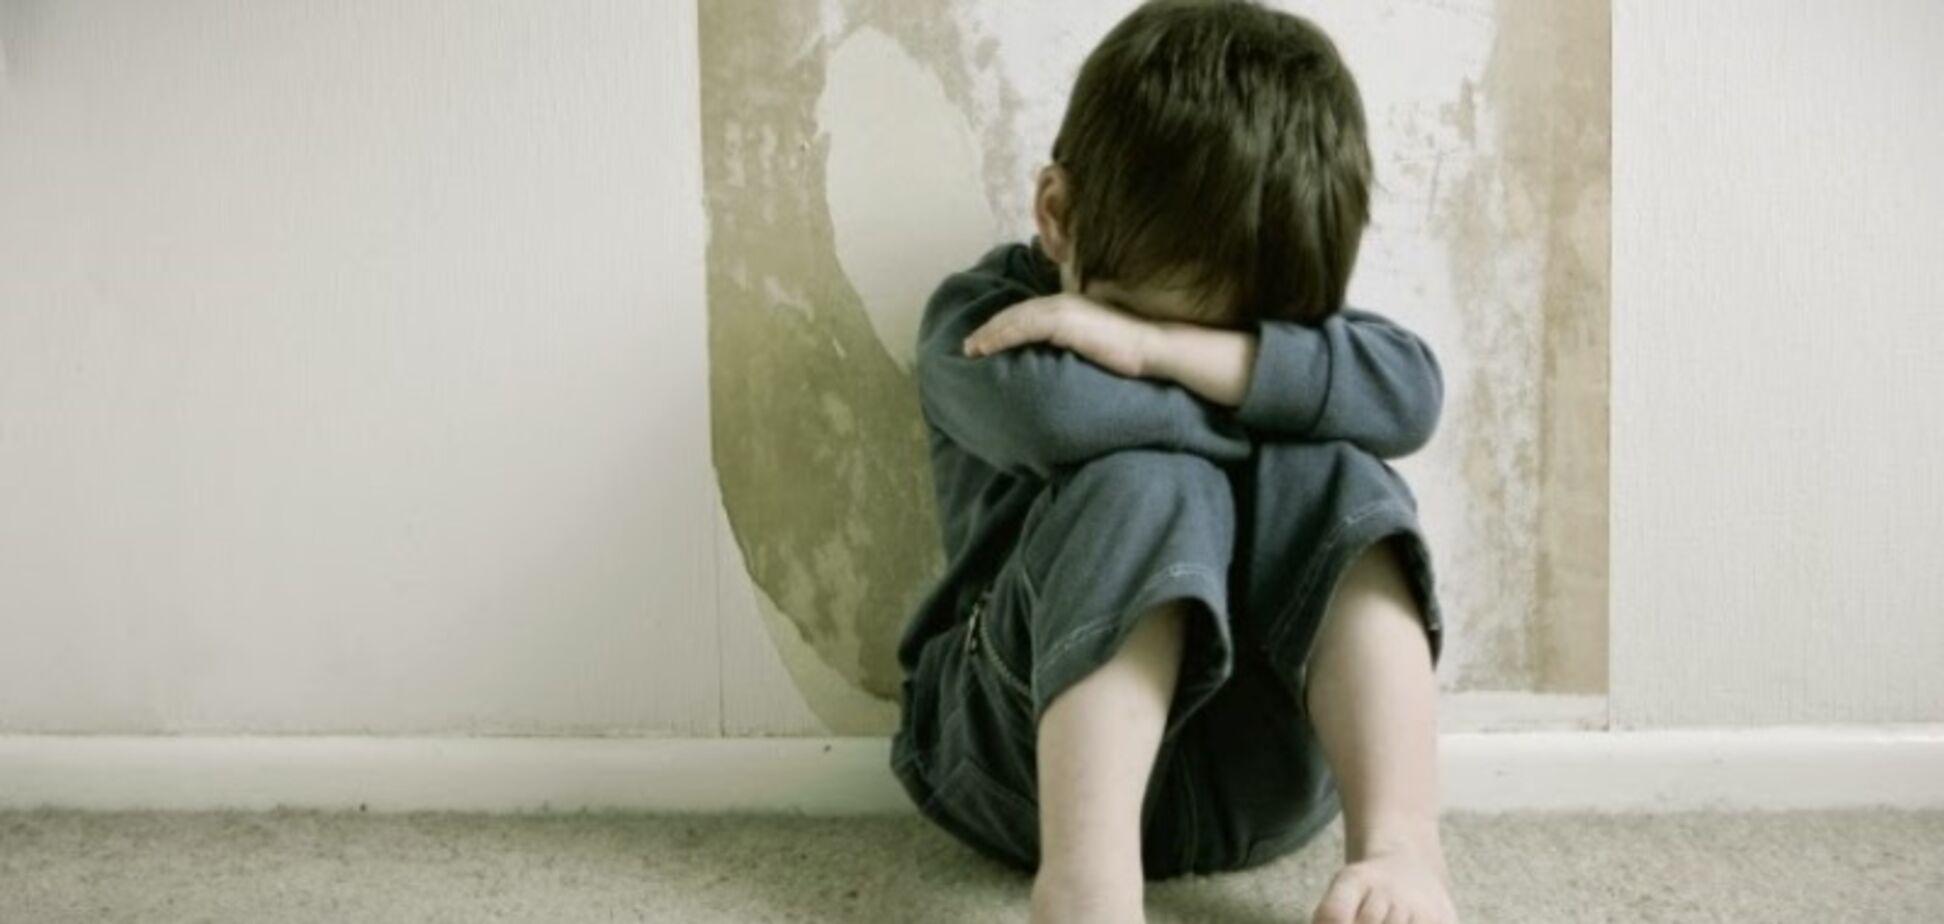 Развратил 700 детей: появились жуткие подробности о педофиле с Сумщины